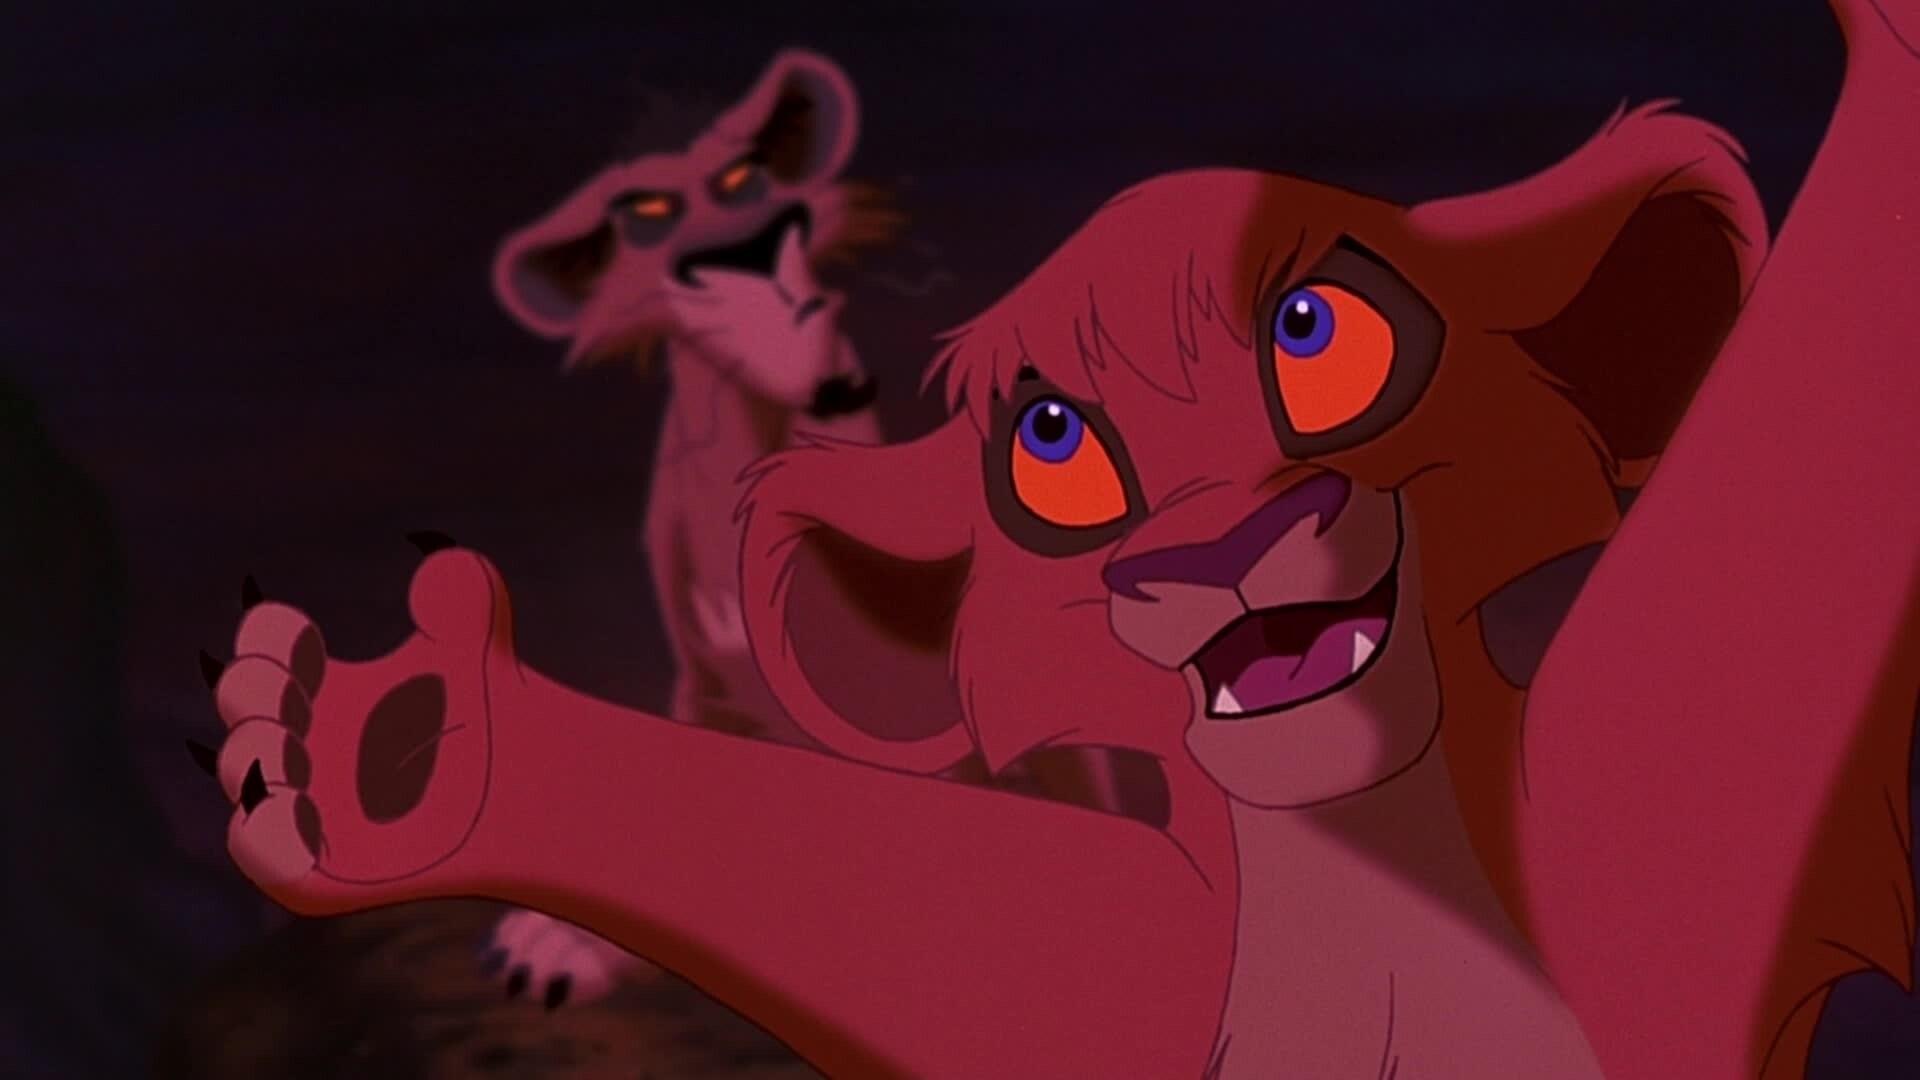 Le Roi Lion II, l'Honneur de la tribu - Chanson : Mon chant d'Espoir (par par Zira, Nuka et Vitani enfants)